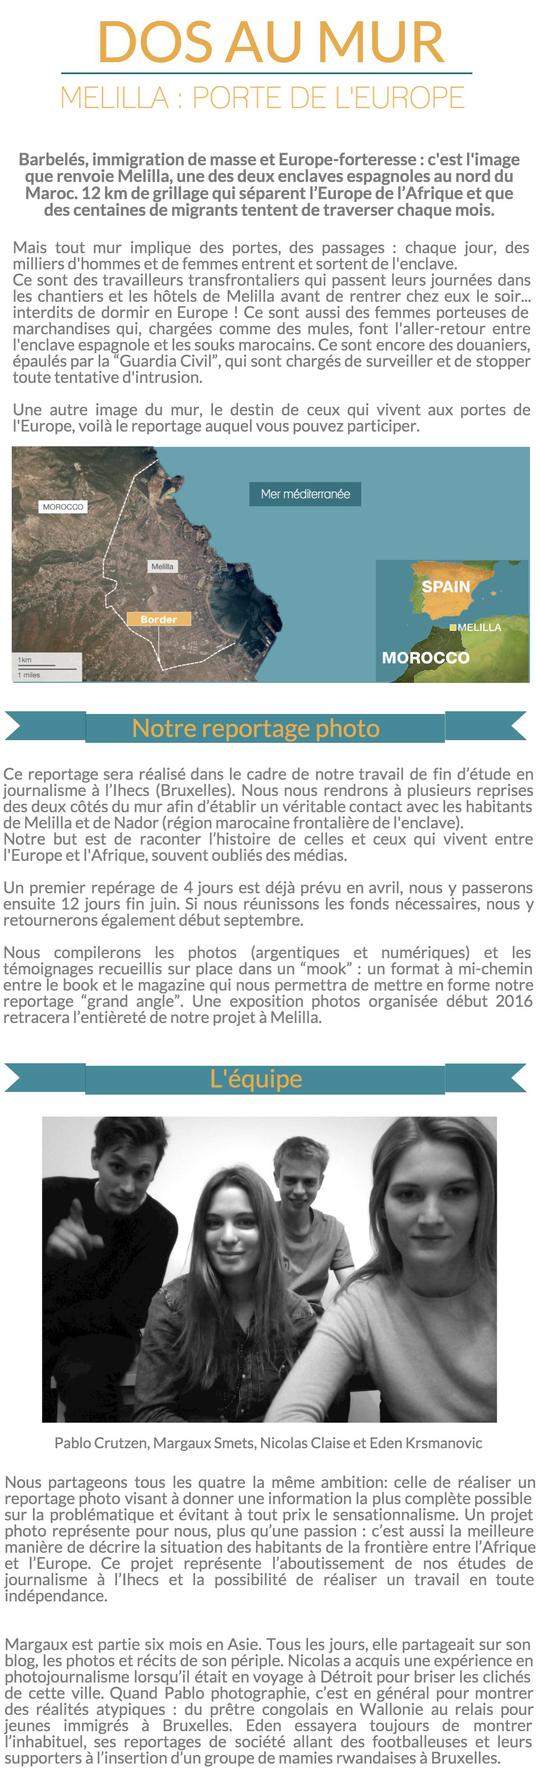 Infograph_part1-1427369519